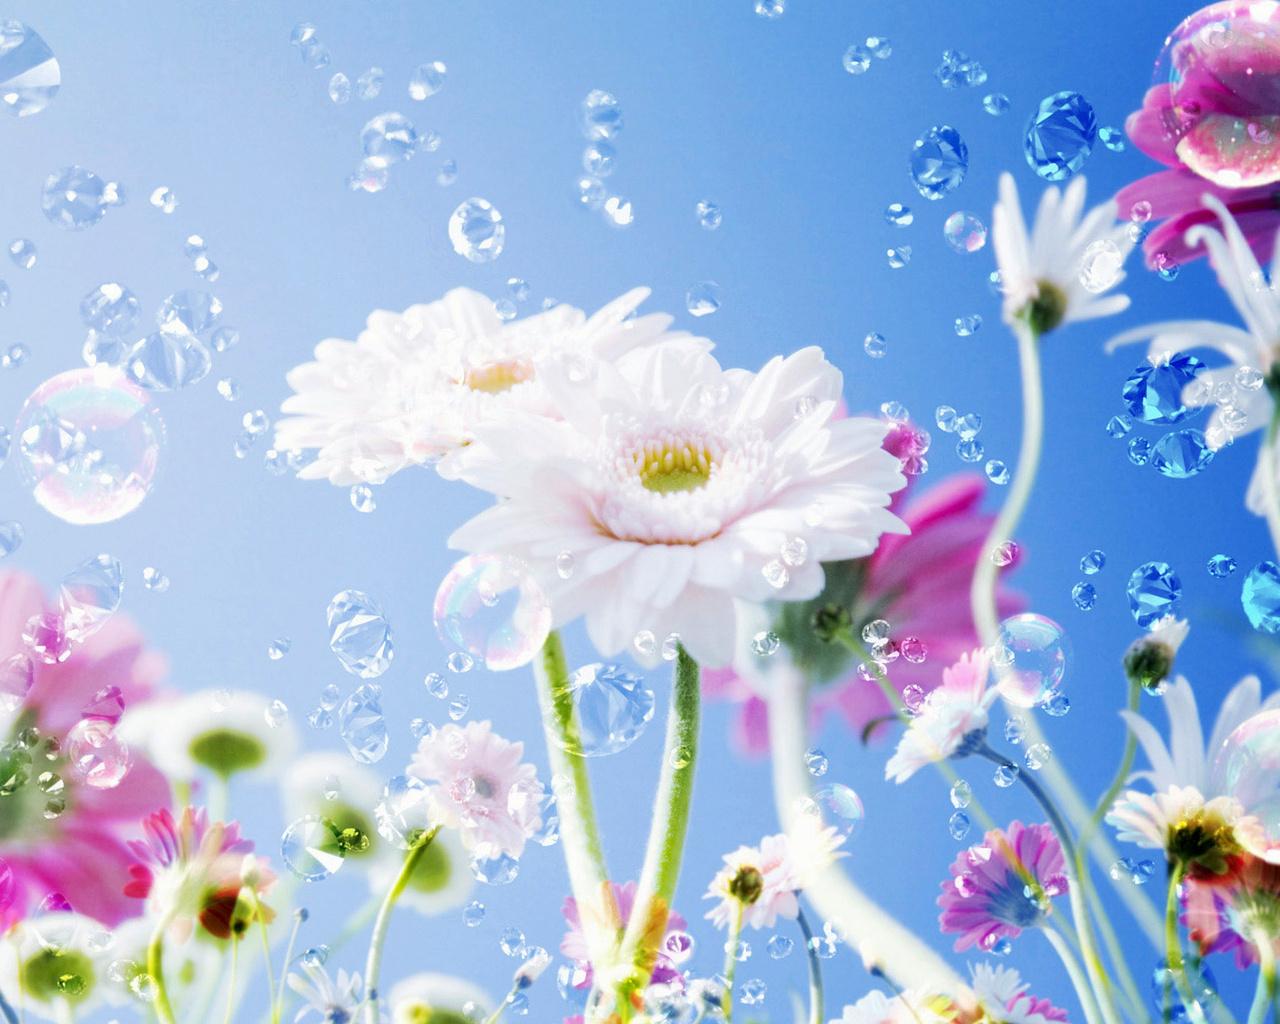 Wallpaper Flower 30 Gambar Shareevhidayats Blog